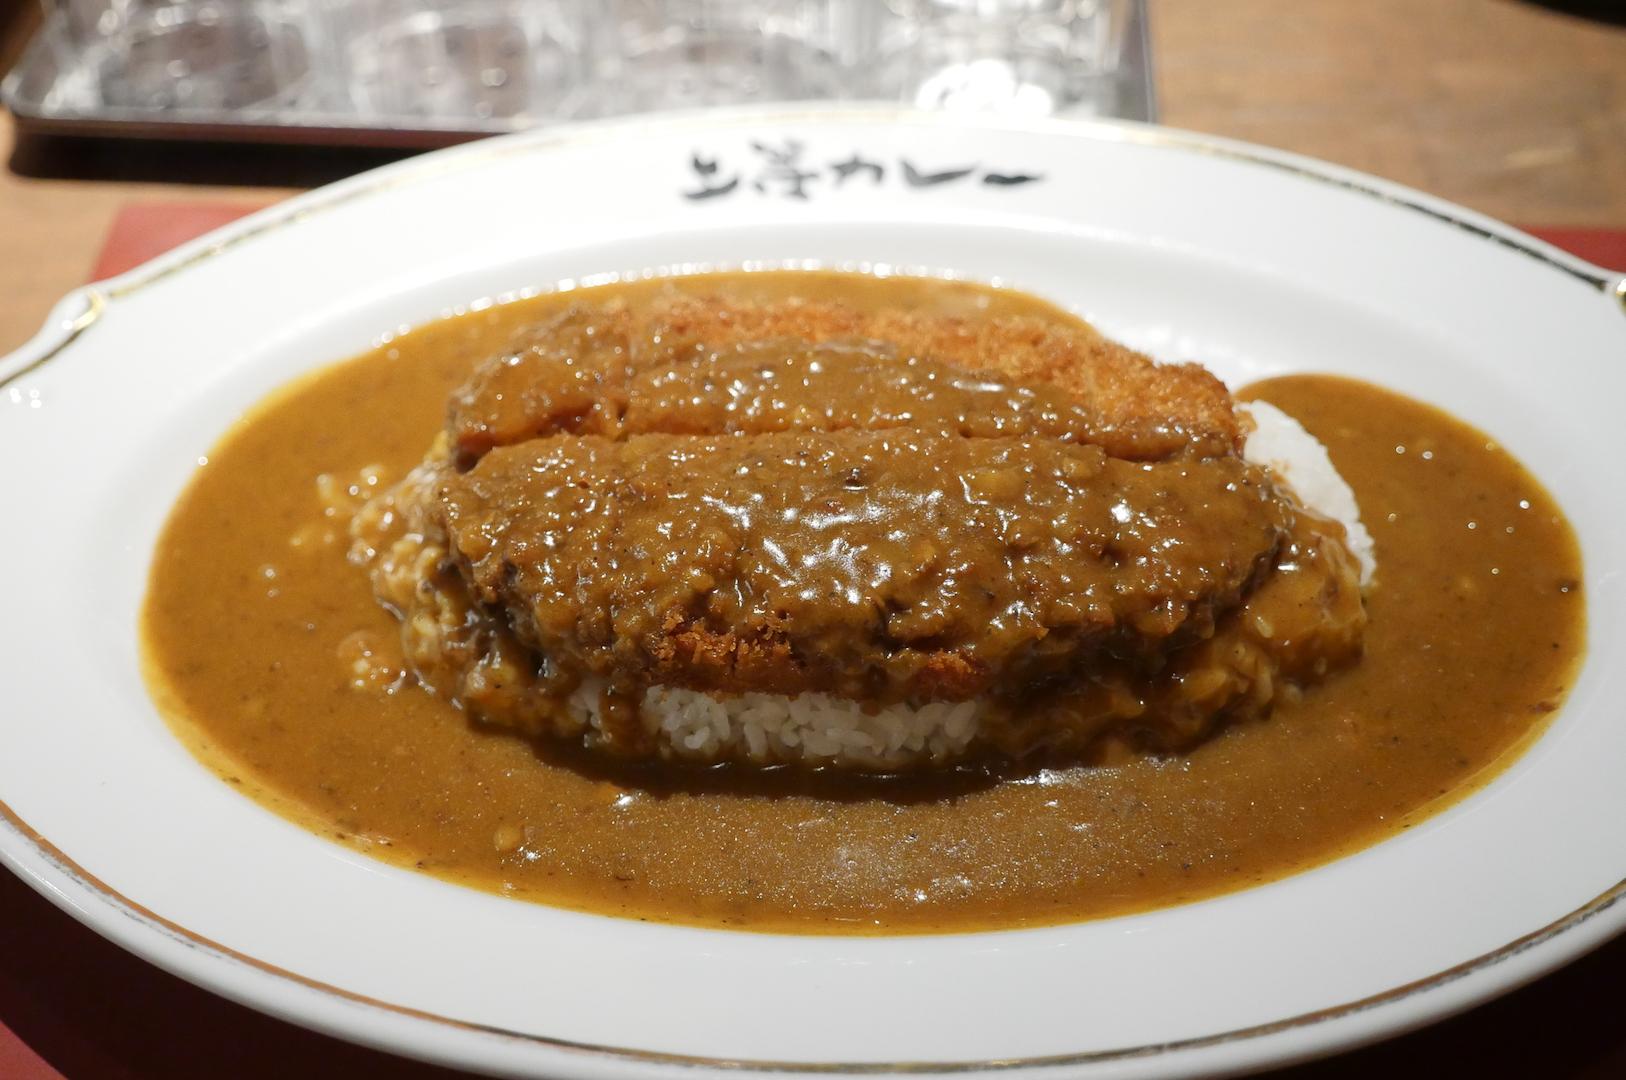 甘っ辛っ旨っ!東京でも食べられる大阪の名物カレー3選